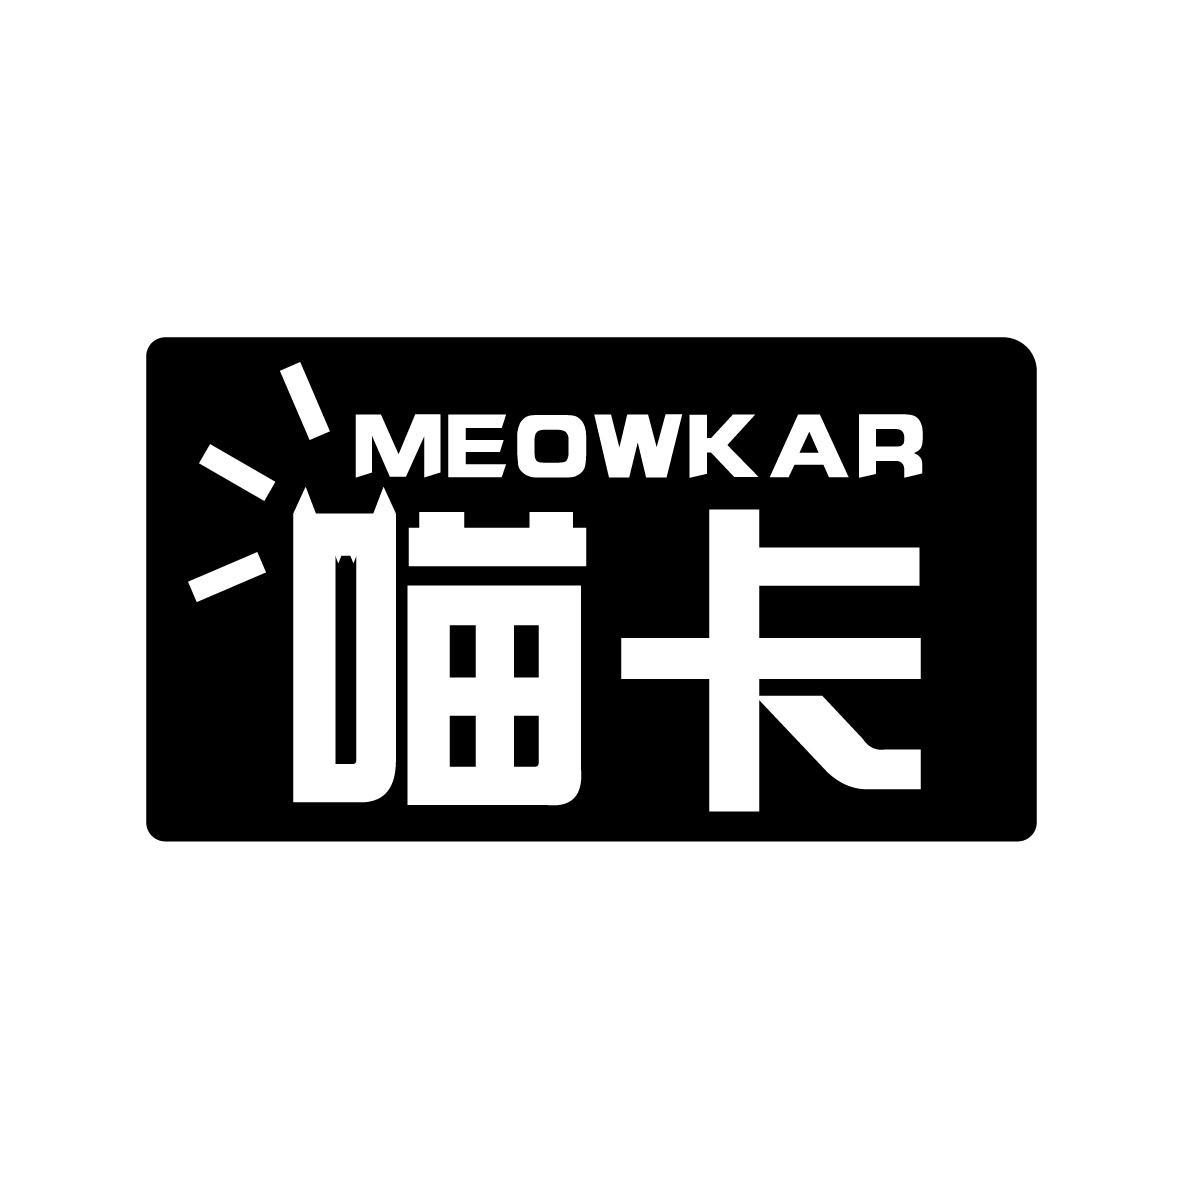 喵卡 MEOWKAR